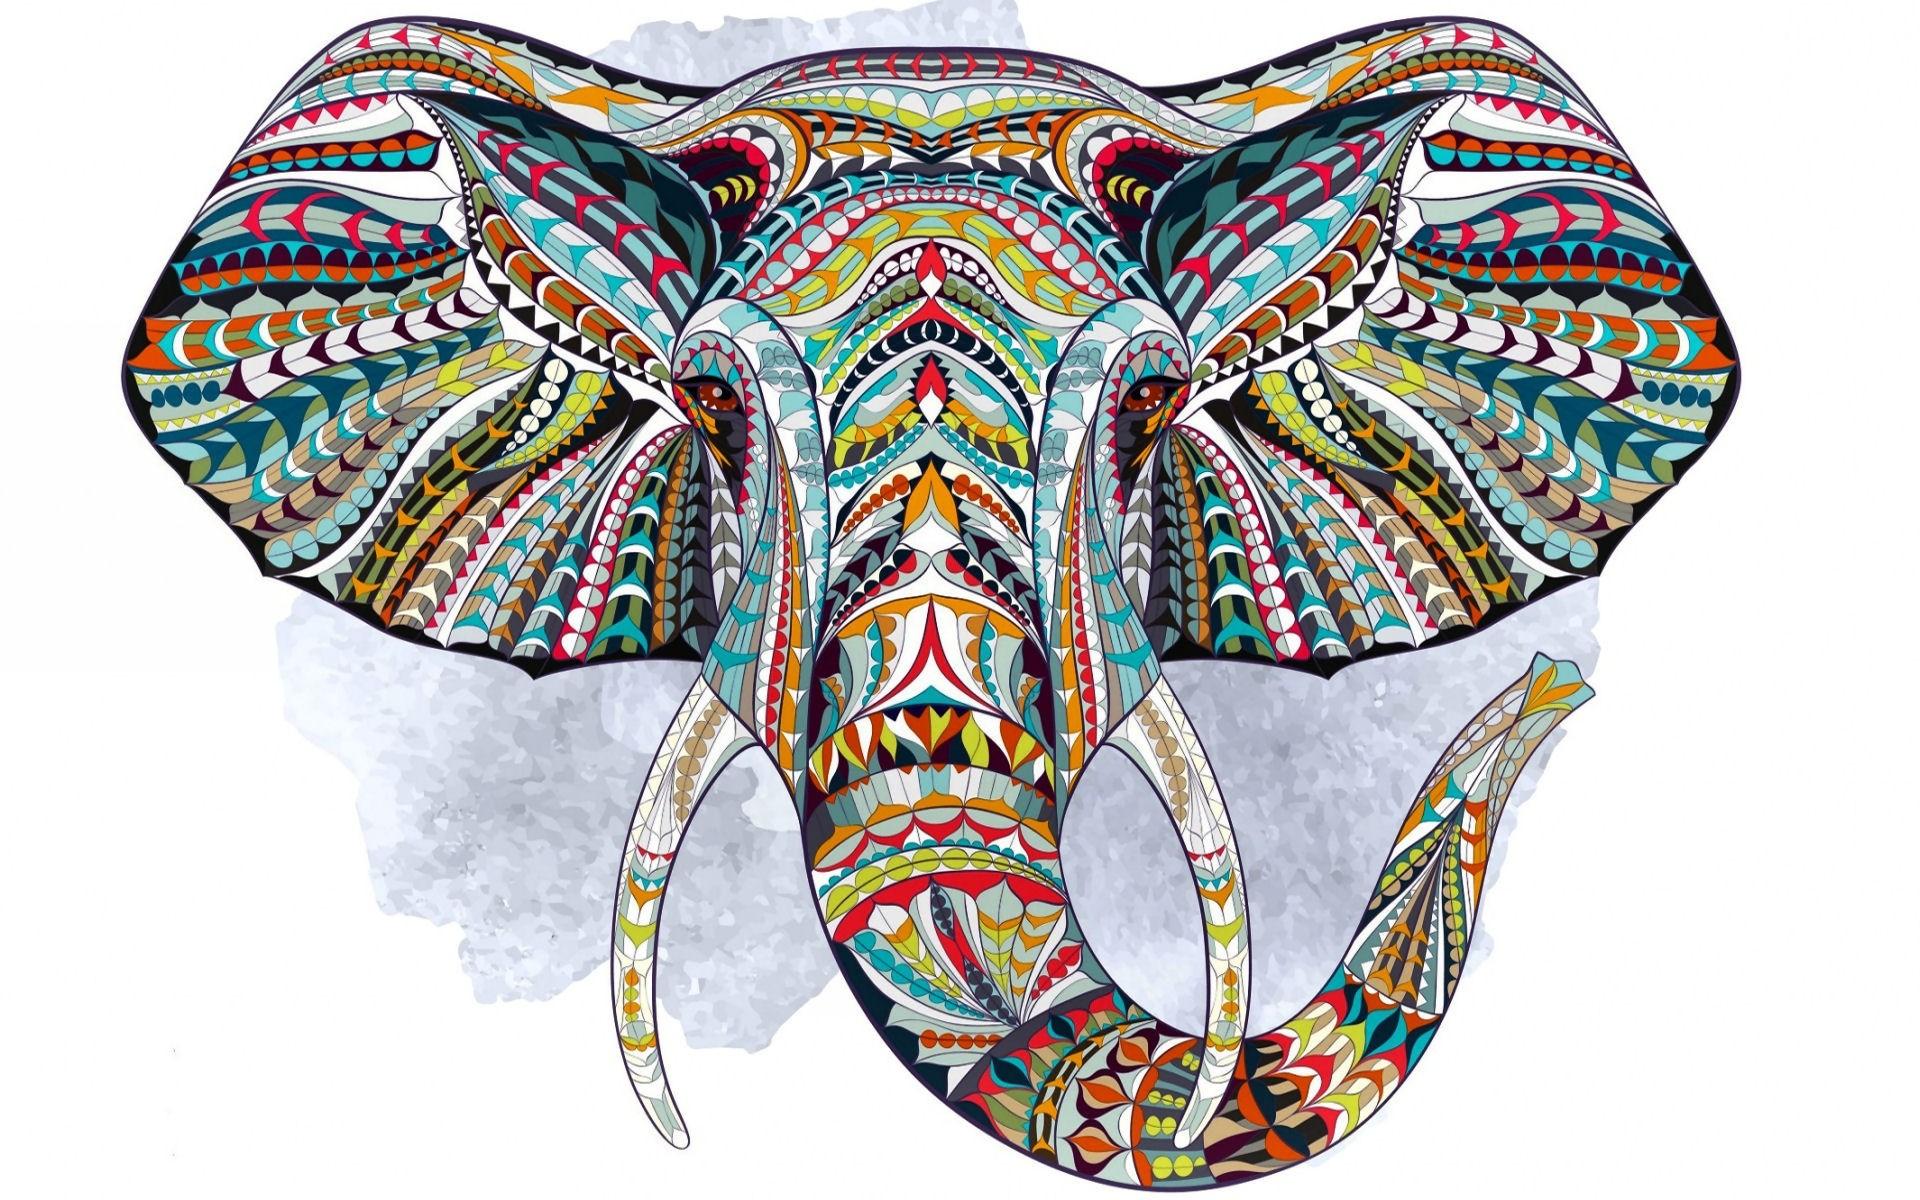 Mandala iPhone Wallpaper (67+ images)